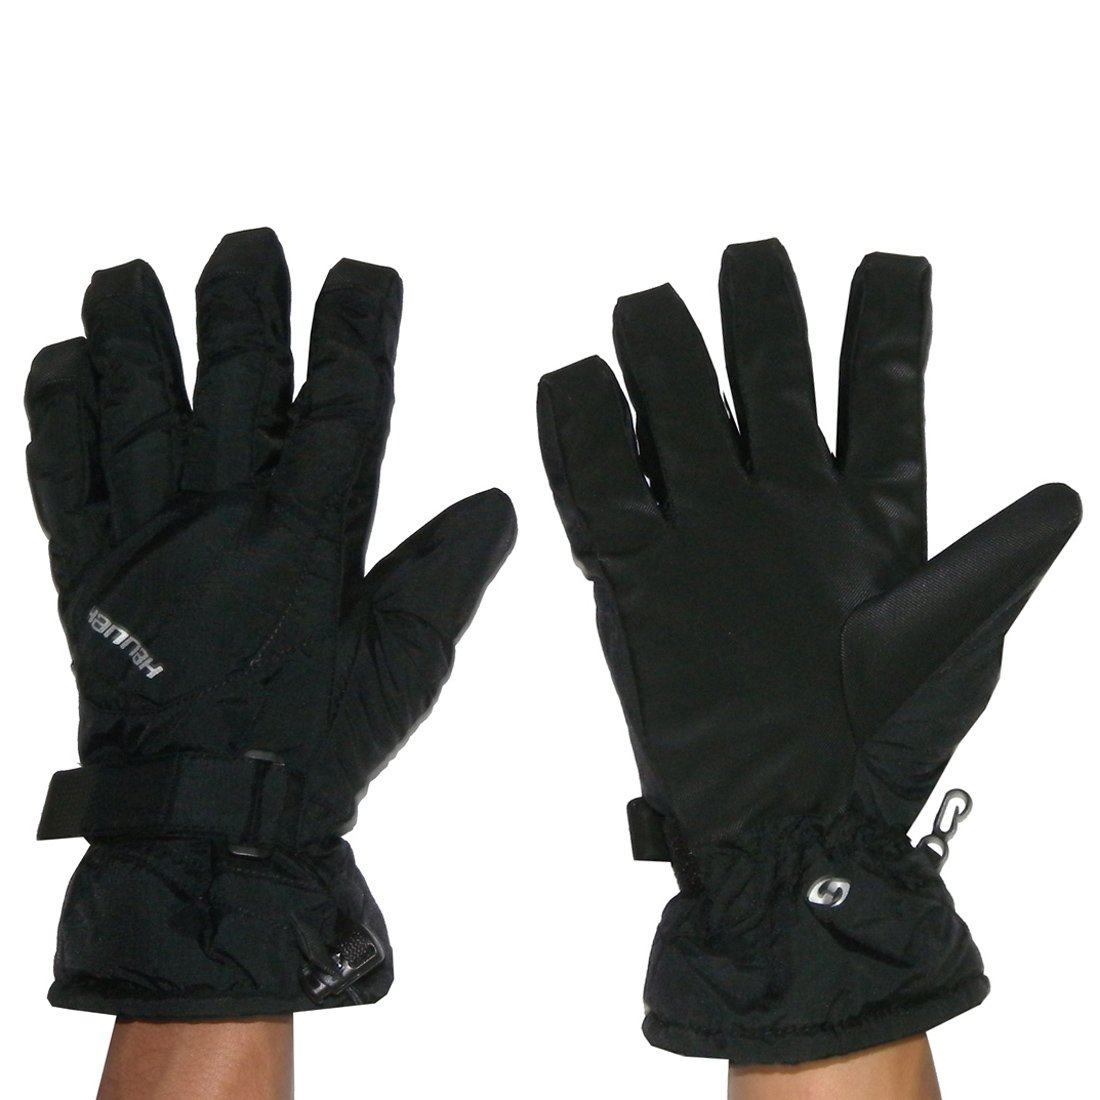 Herren Hannah Professionelle Warm & winddicht Insulated Winter Ski-Handschuhe mit Innenfutter